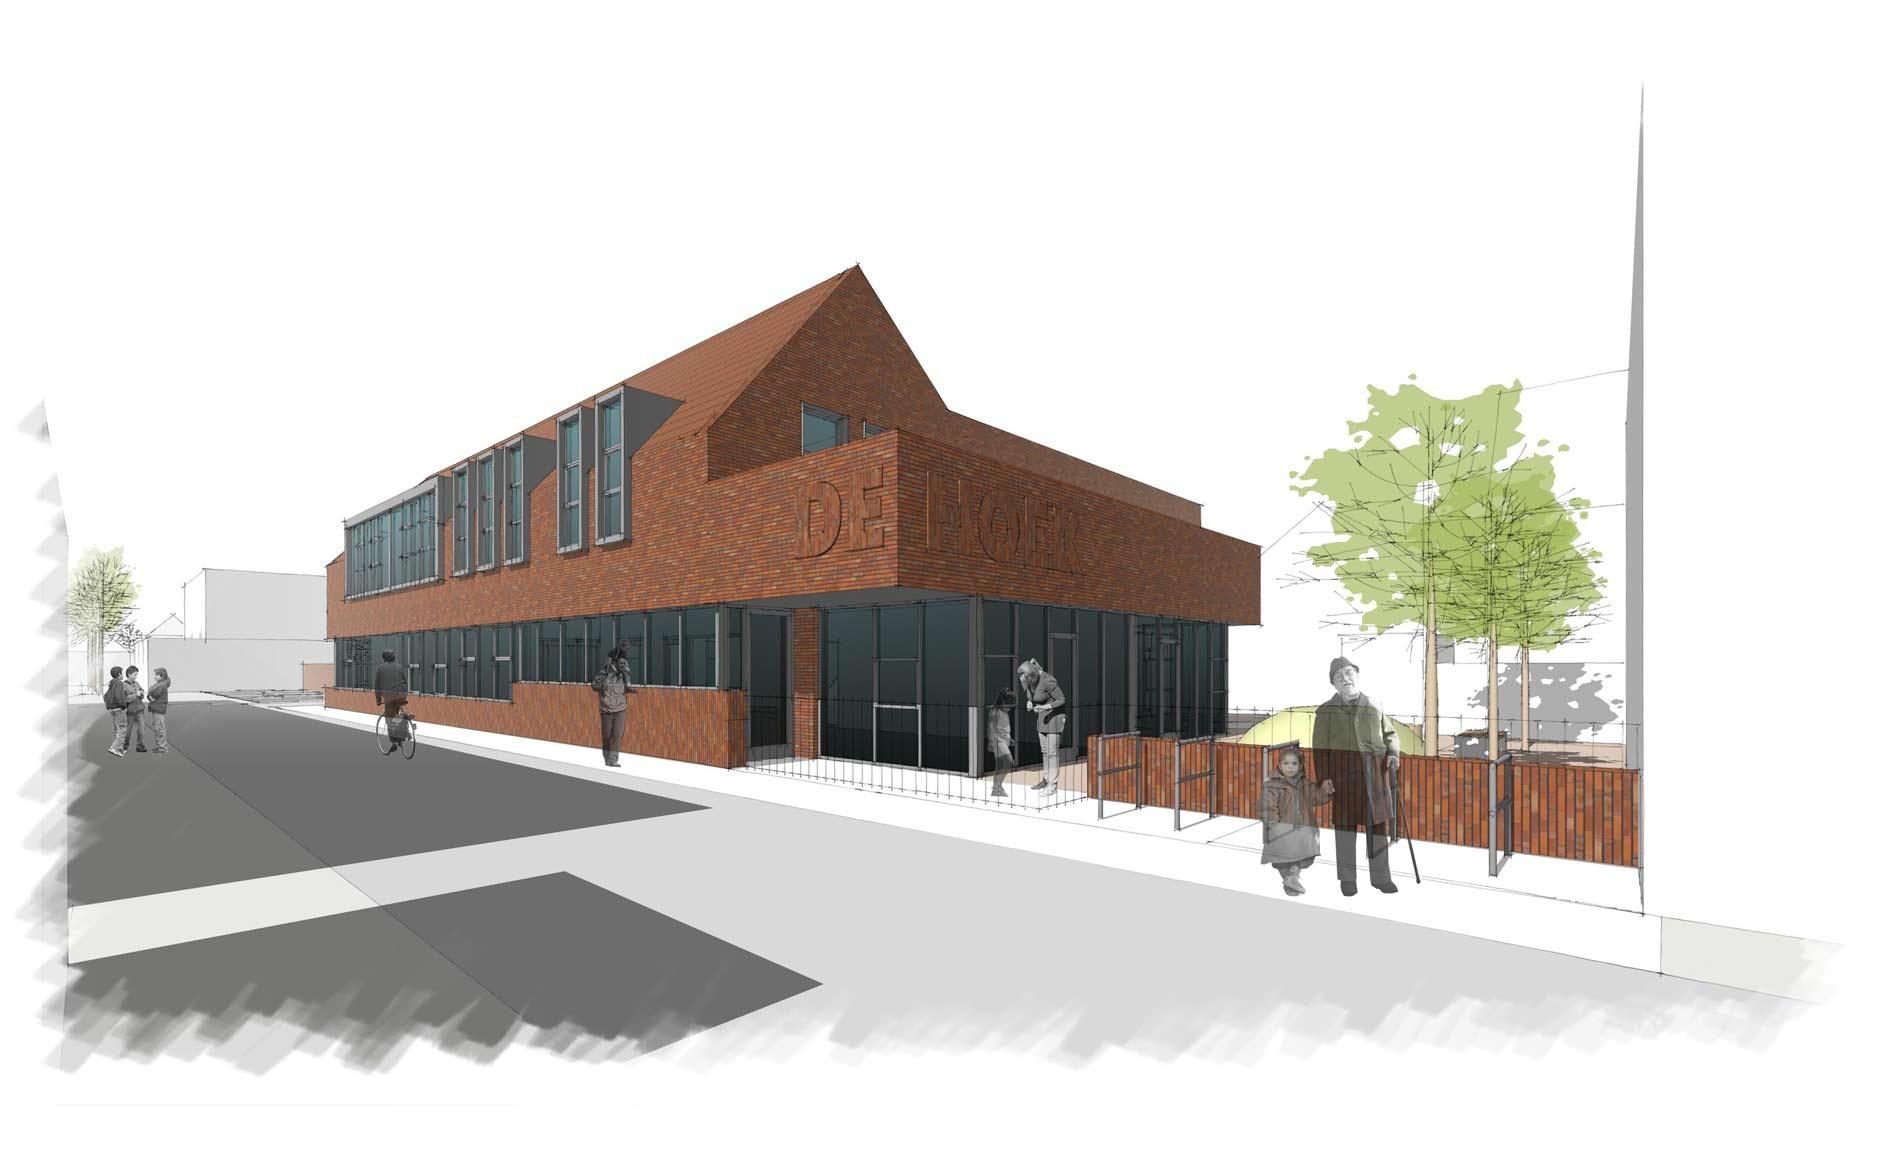 architect scholen onderwijs IKC basisschool Binnenstad Enkhuizen De Tweemaster BBHD architecten